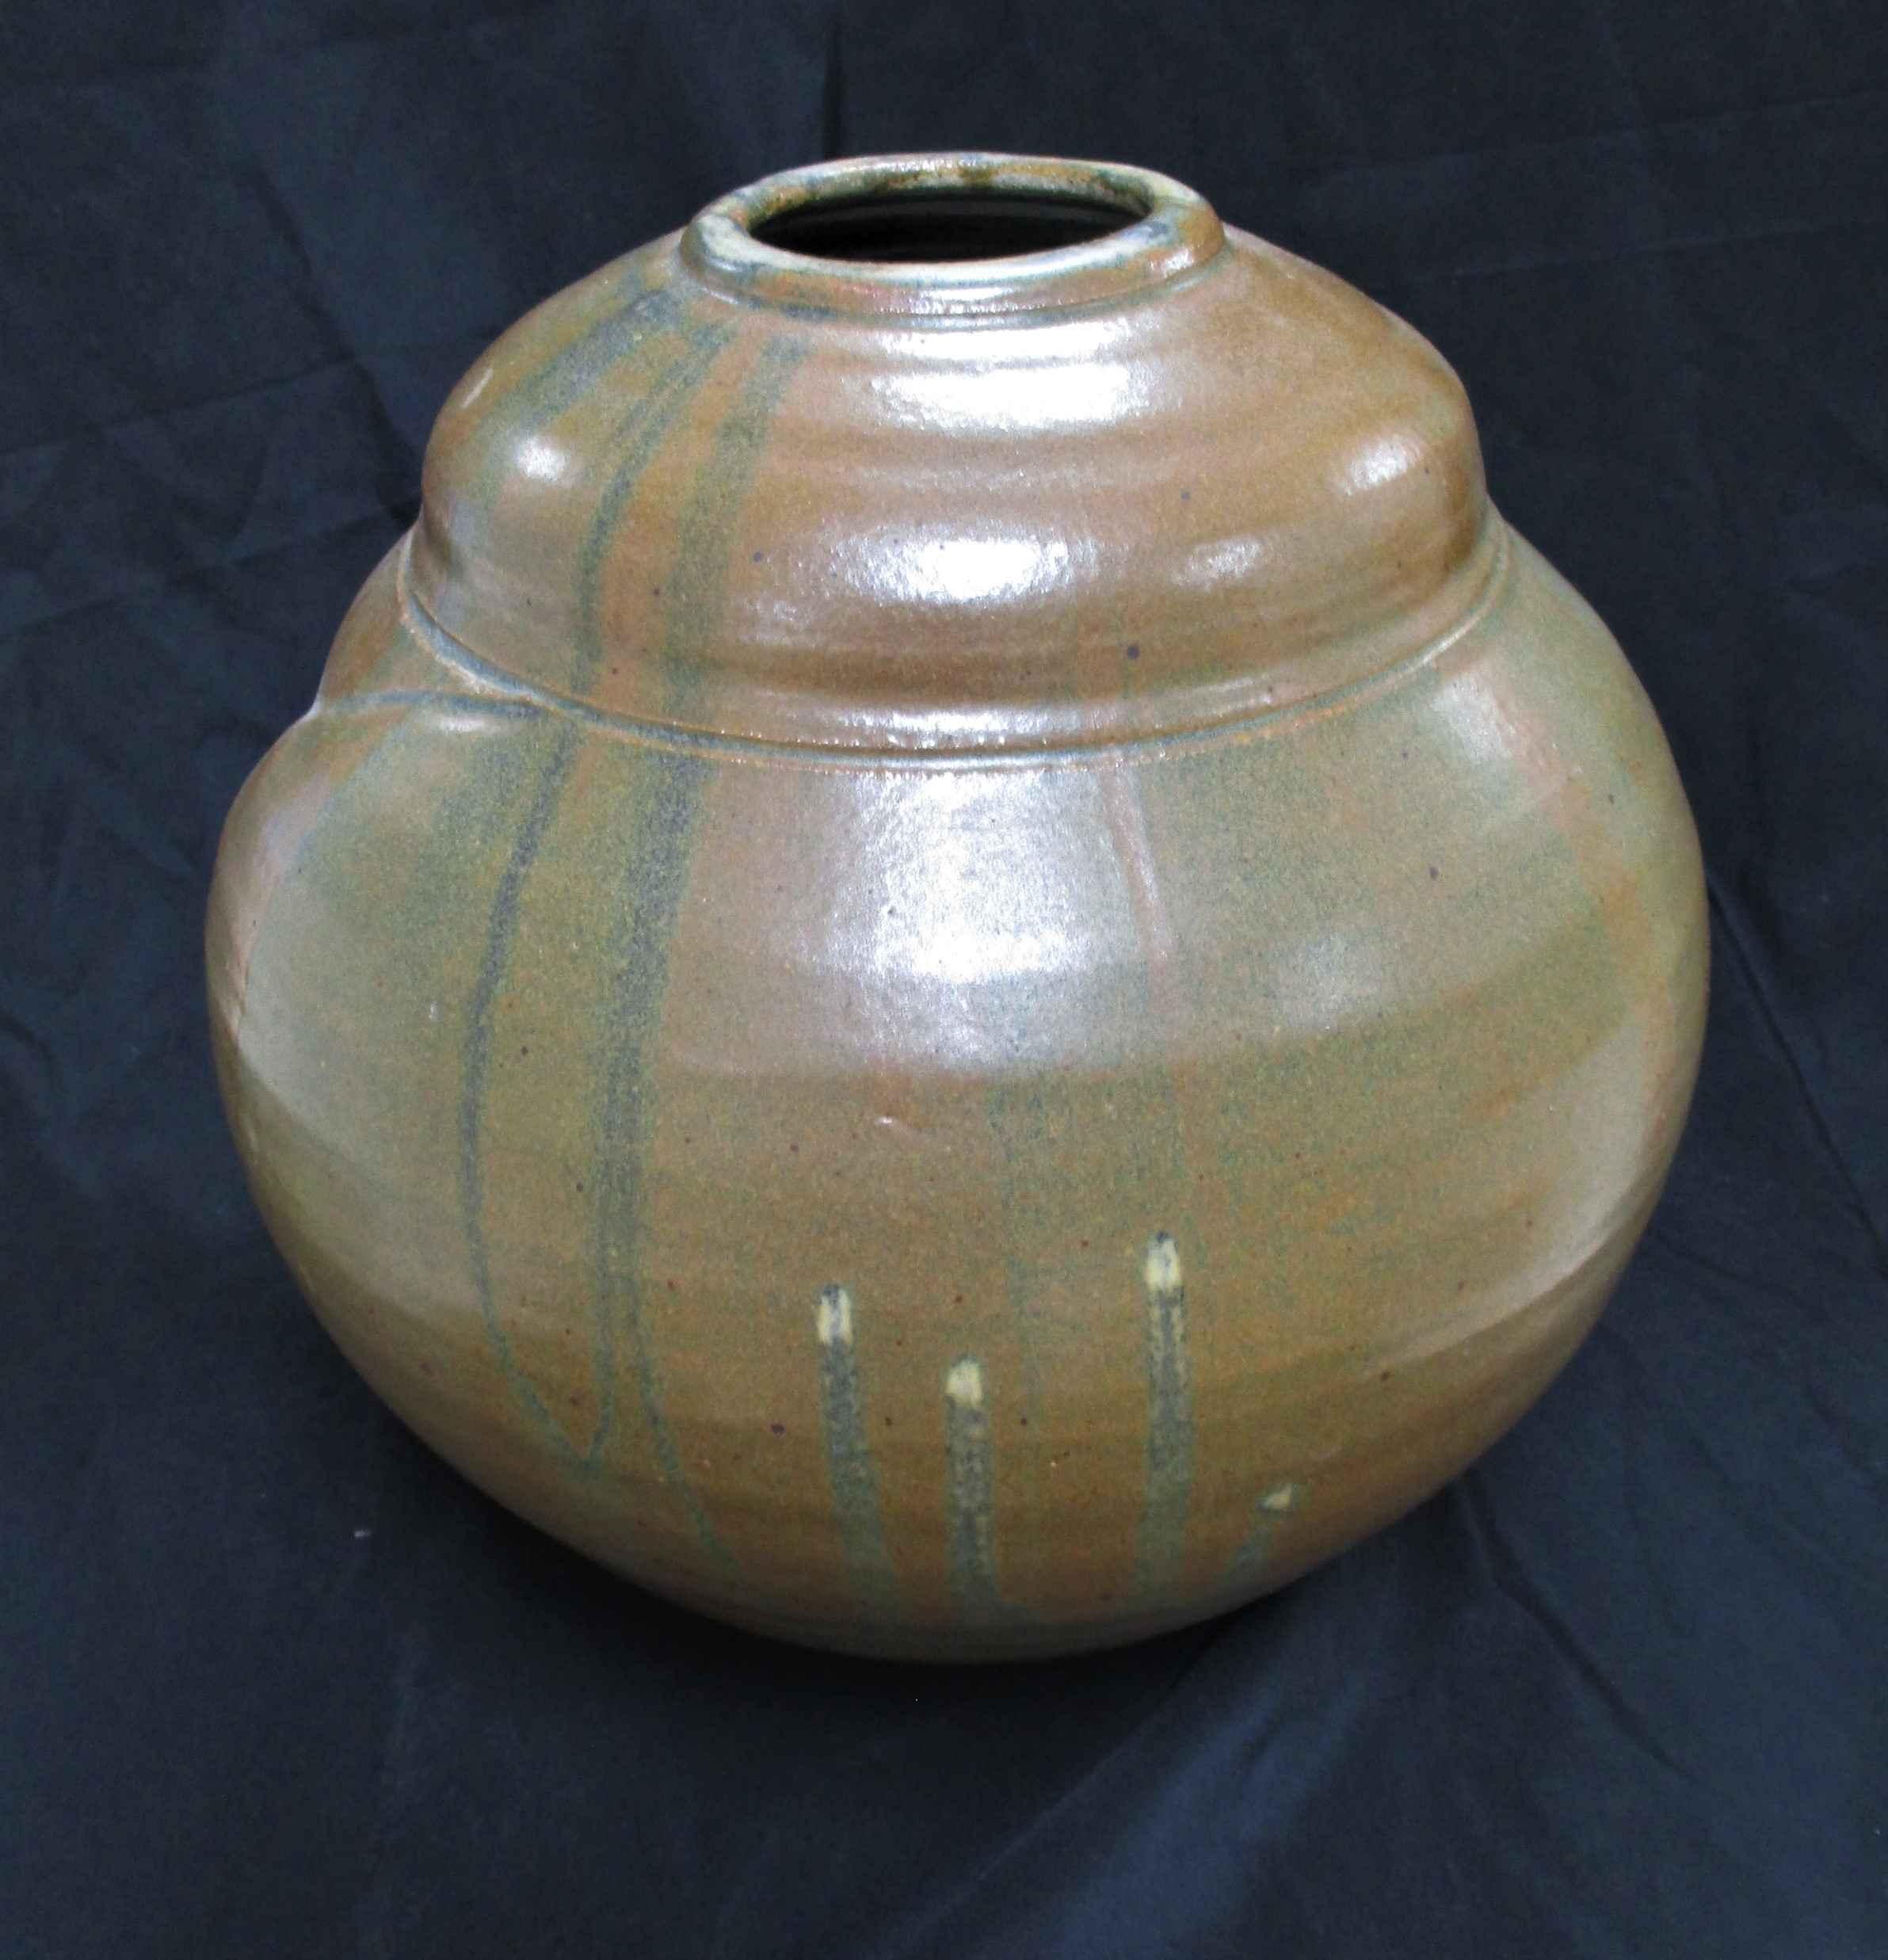 Unknown (Swirl Pot) by   Martin - Masterpiece Online